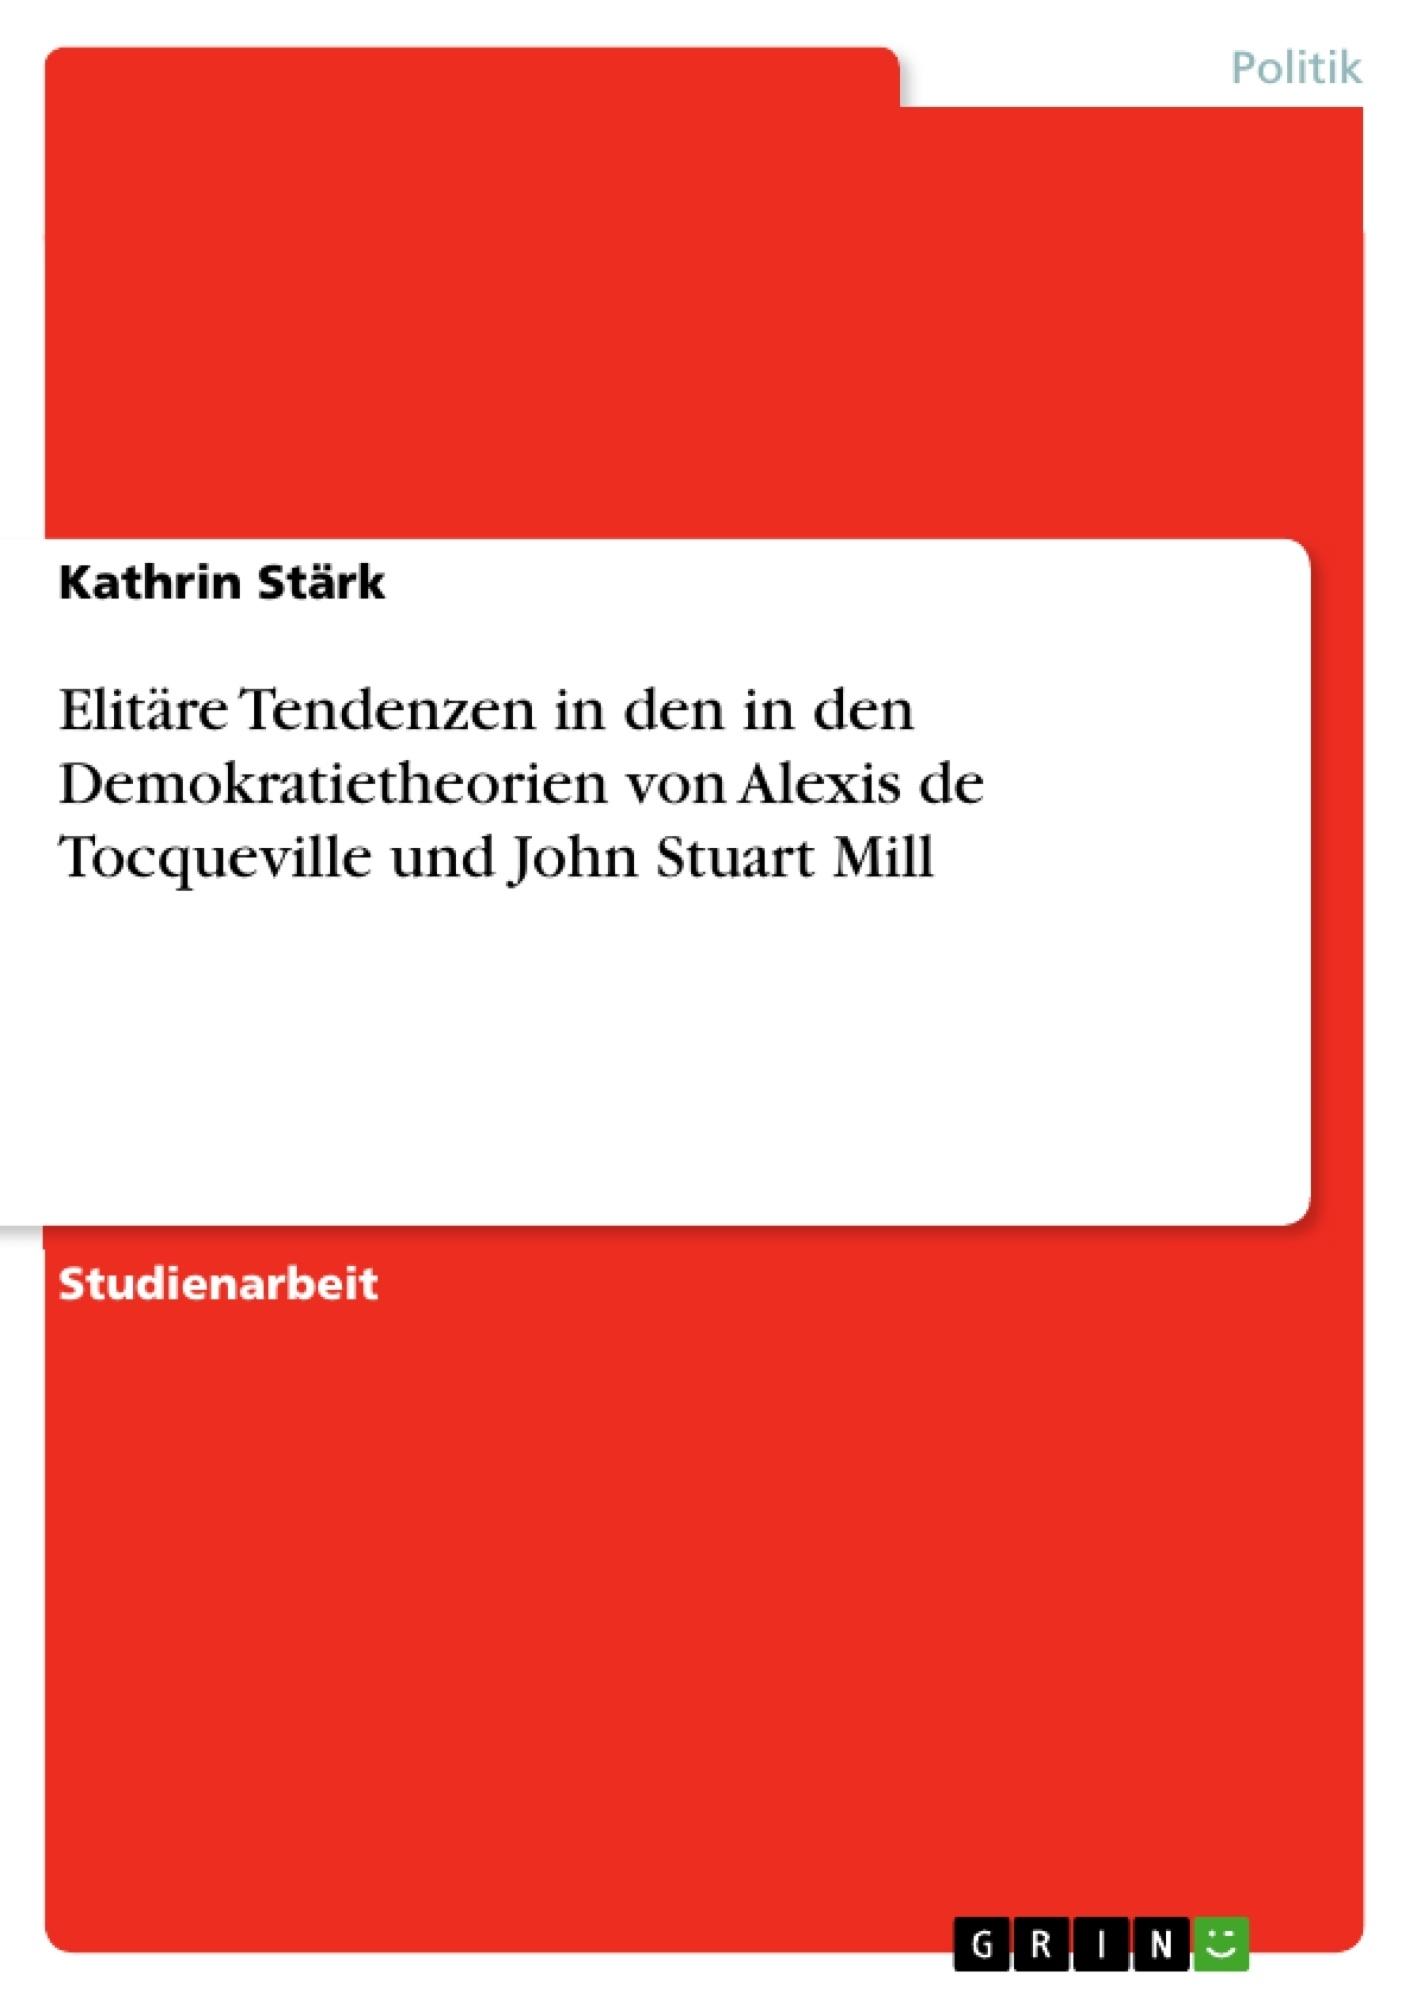 Titel: Elitäre Tendenzen in den in den Demokratietheorien von Alexis de Tocqueville und John Stuart Mill